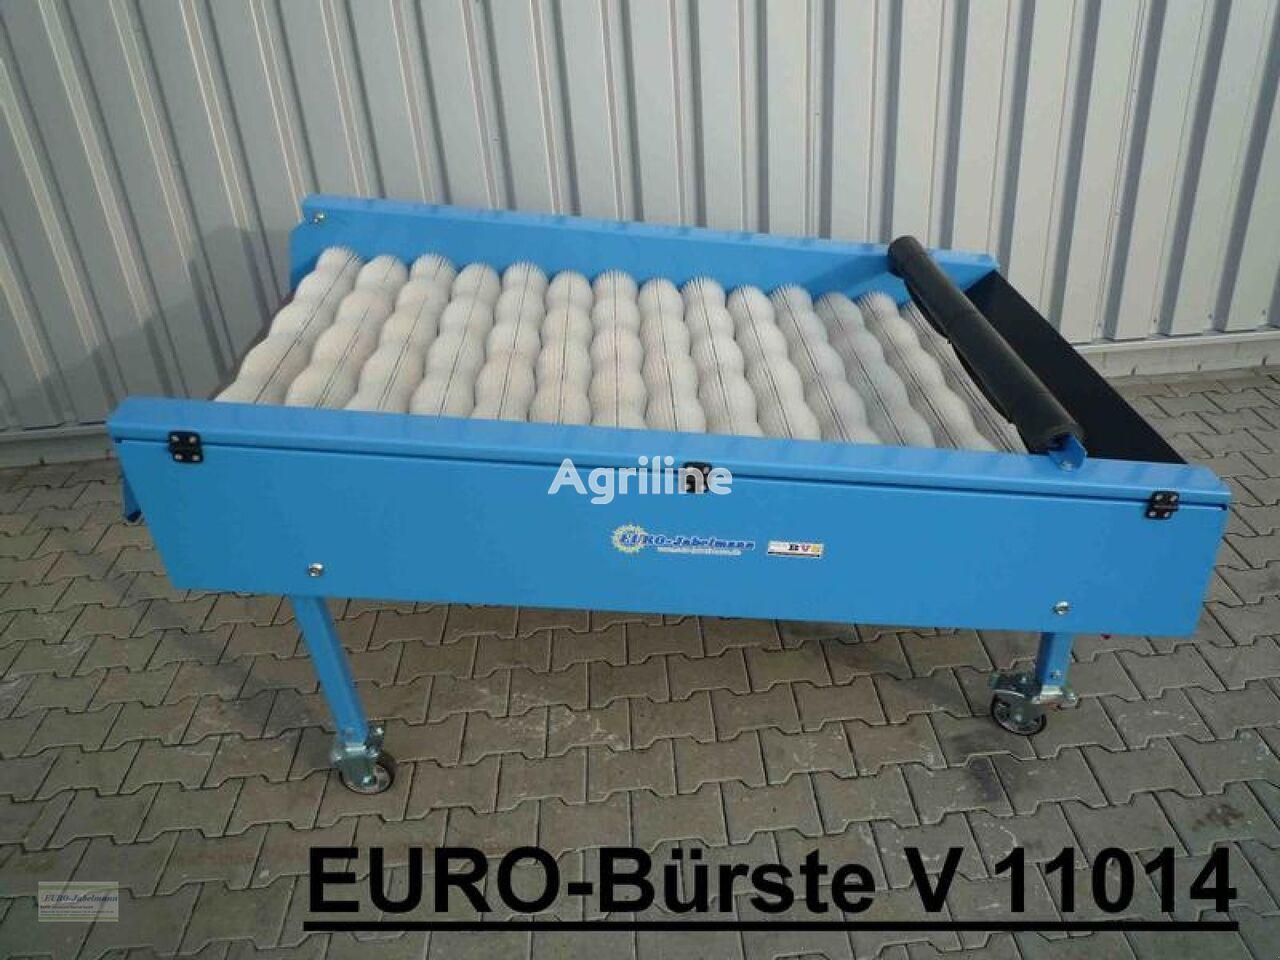 neue EURO-Jabelmann V 11014 Bürstenmaschinen Gemüsewaschmaschine